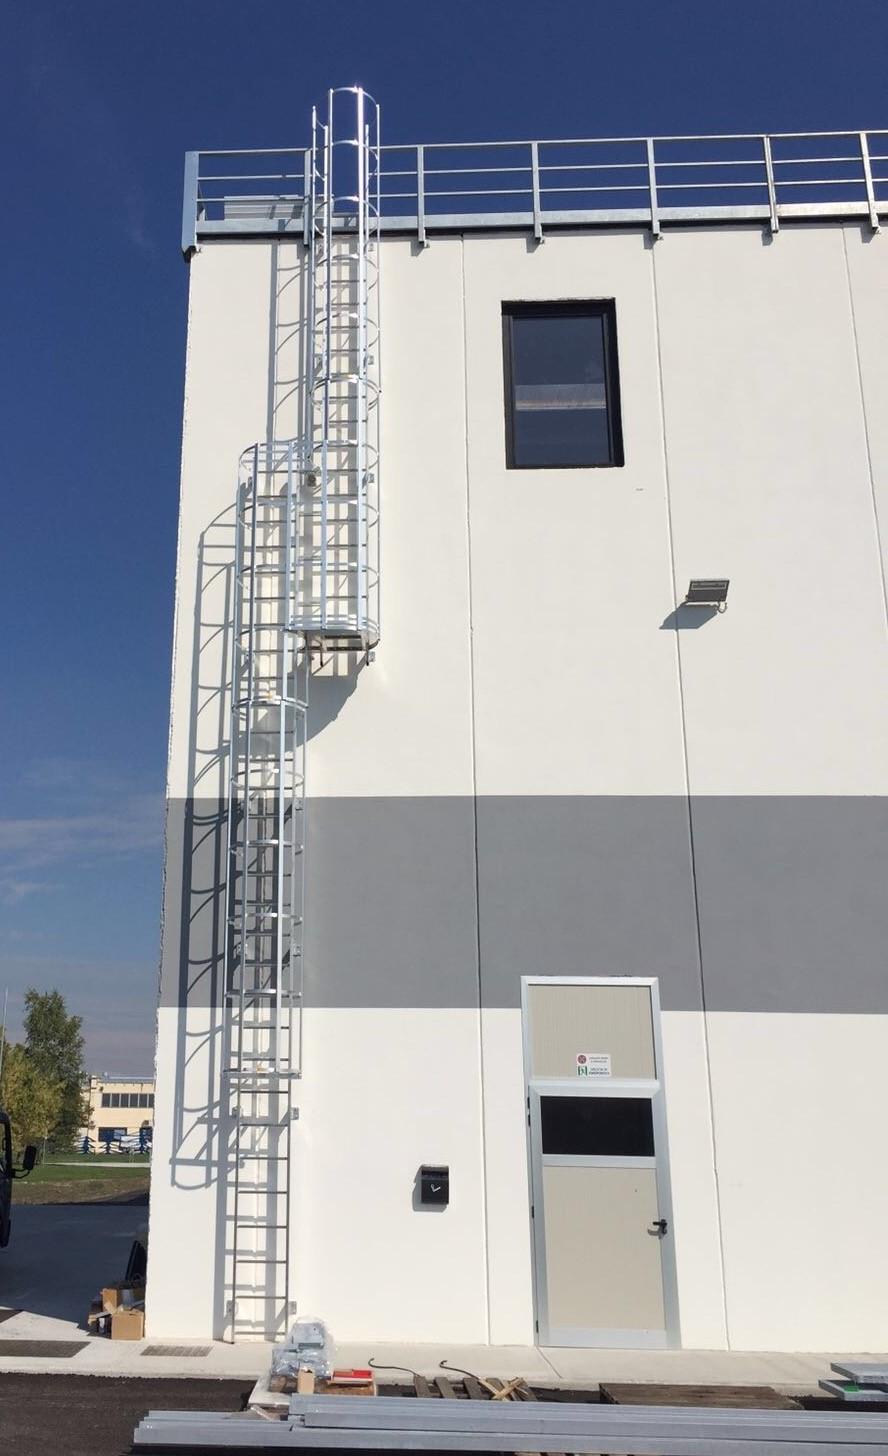 Installazione scale di sicurezza per accesso tetti a Bergamo